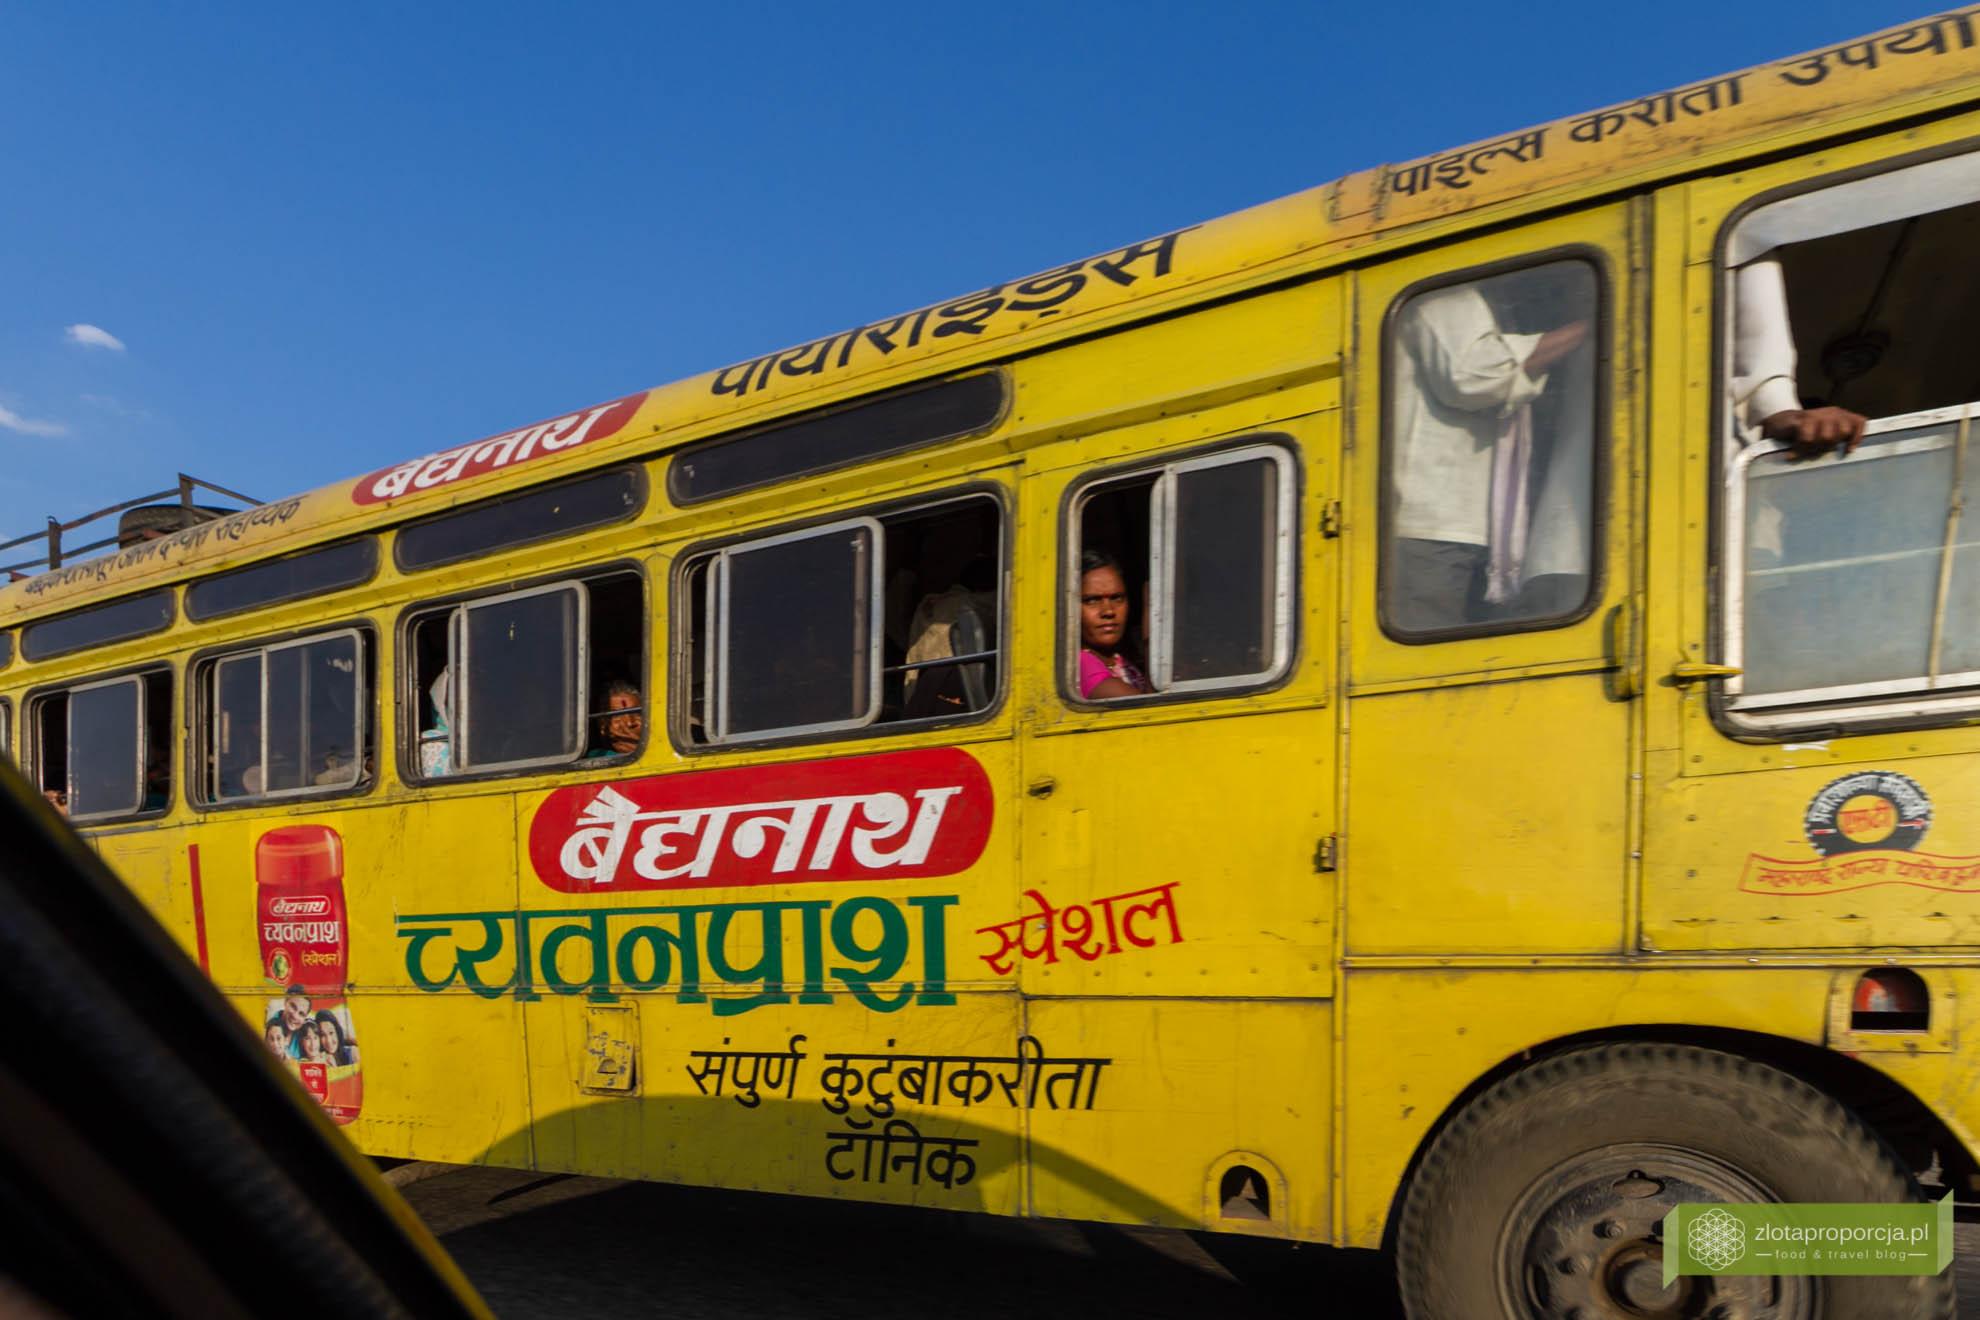 Indie, transport w Indiach; jak się podróżuje w Indiach; komunikacja w Indiach; autobus w Indiach